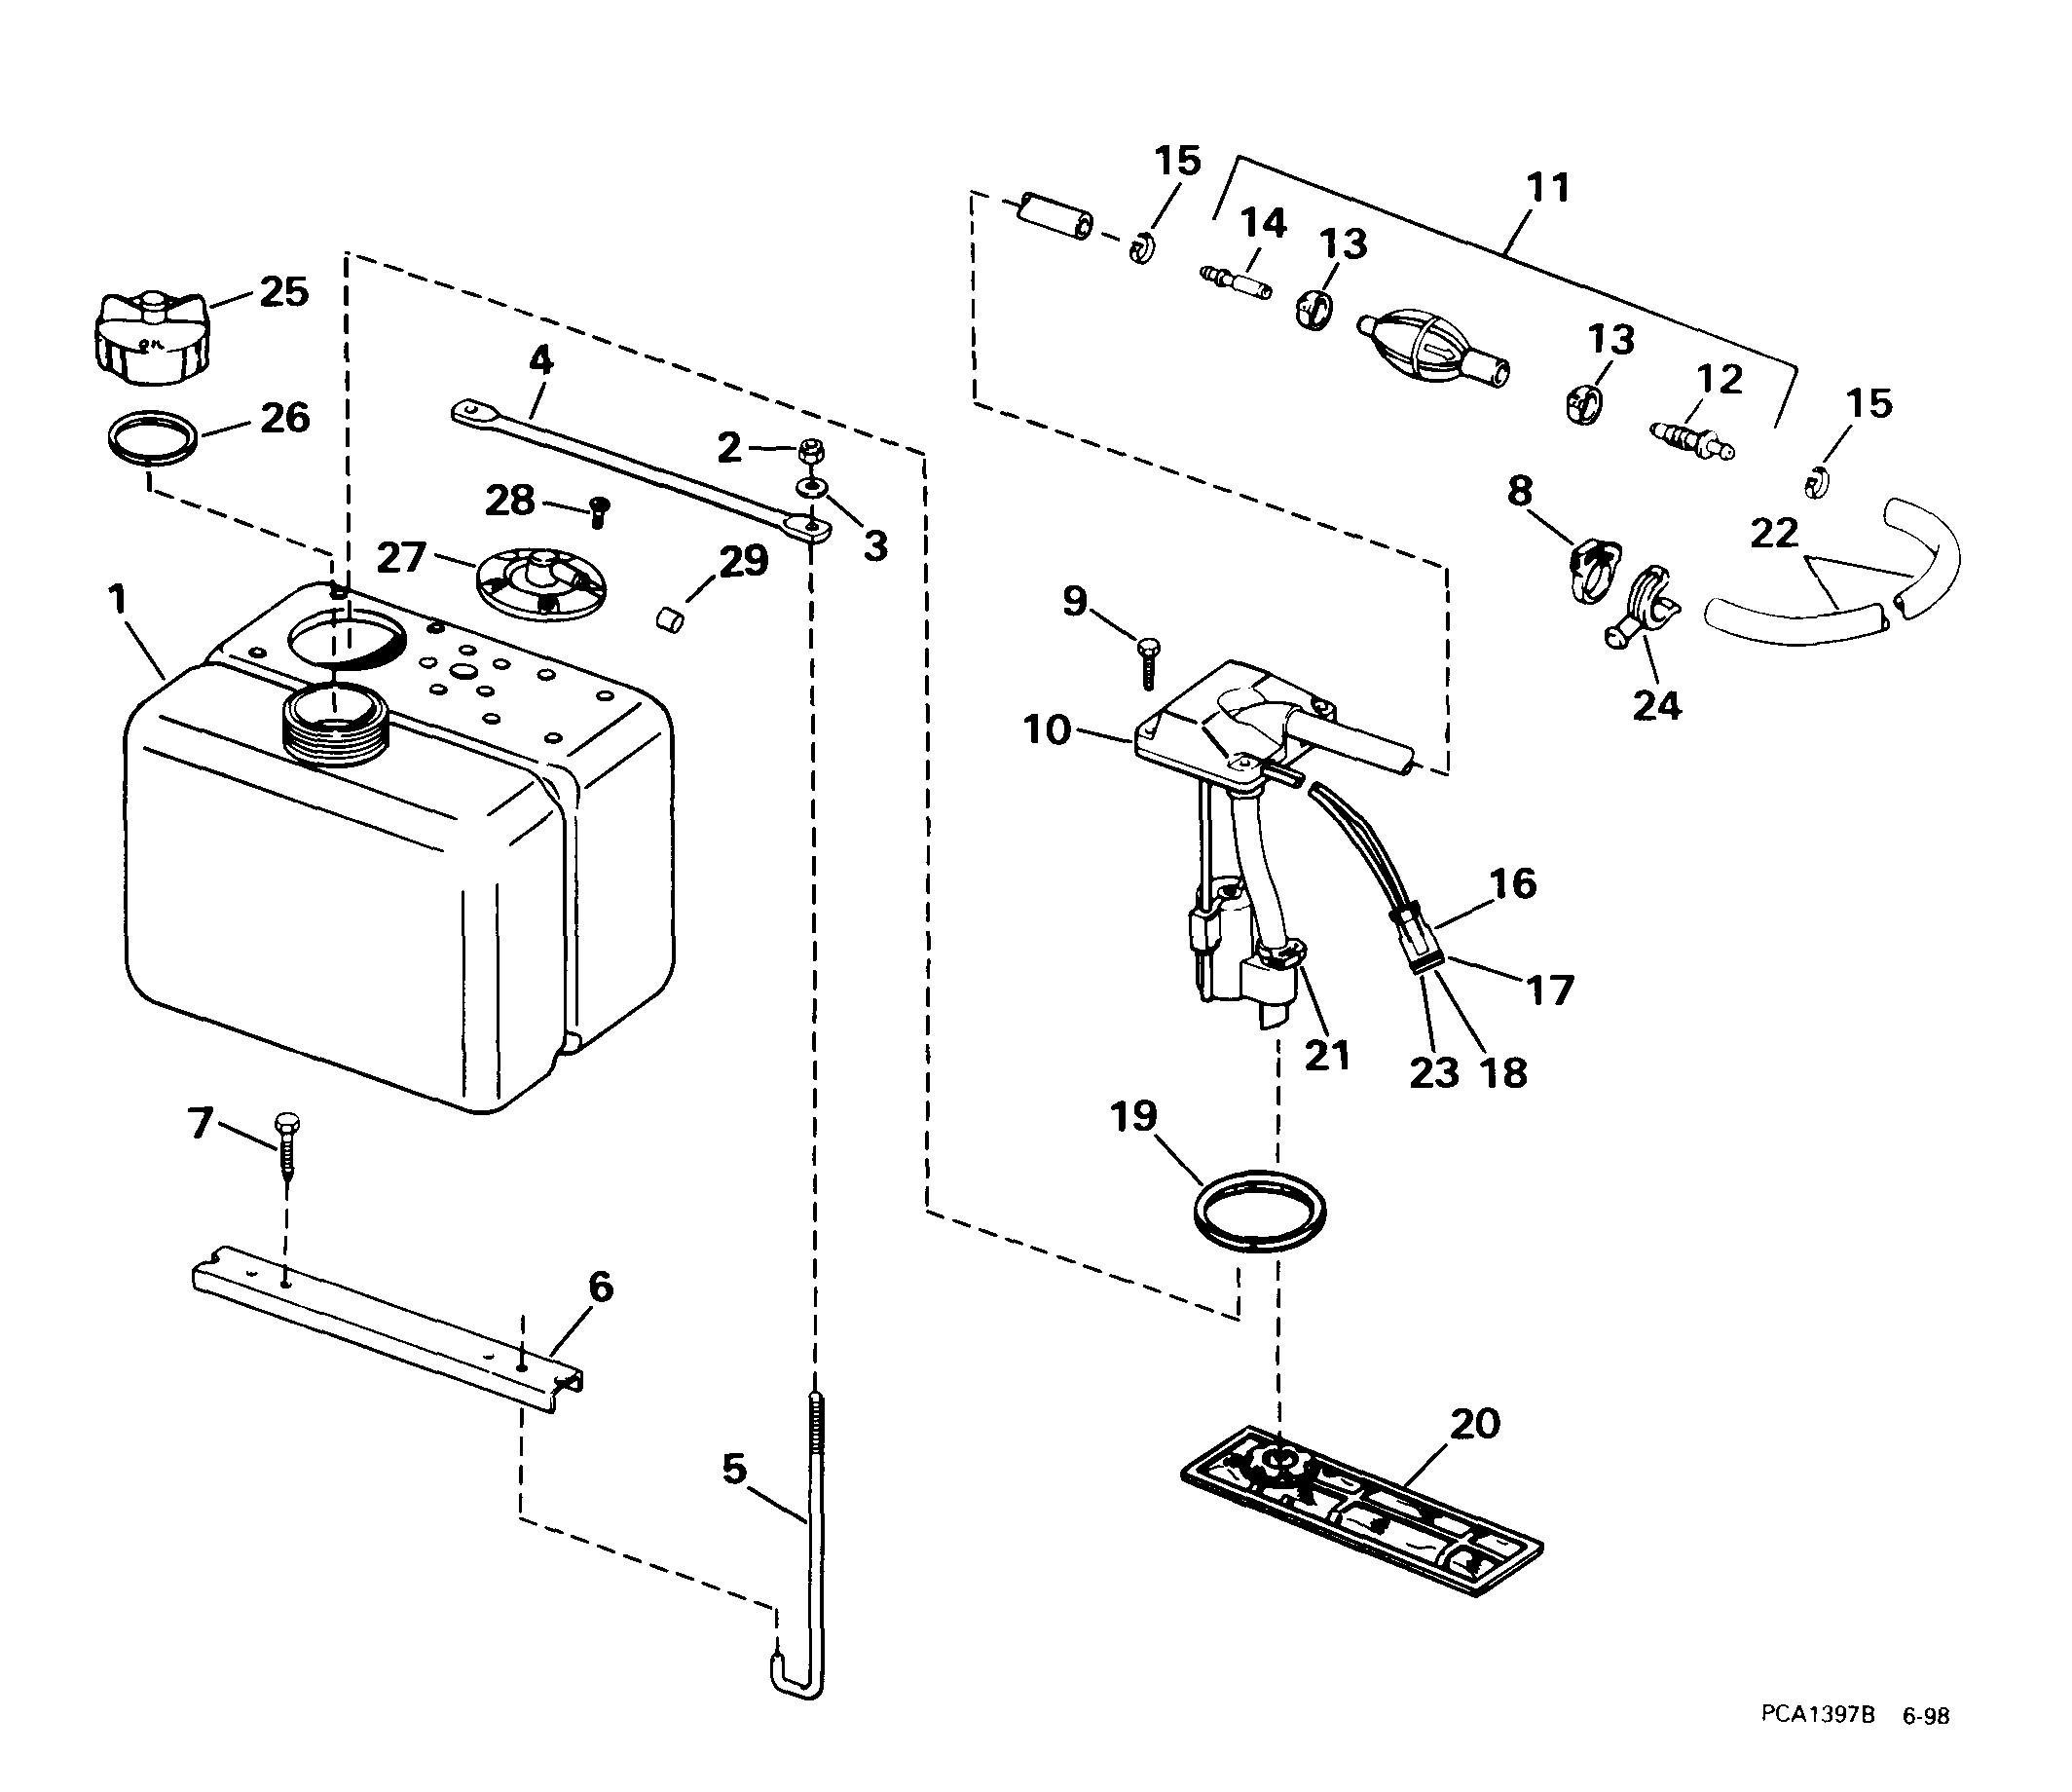 Evinrude Outboard Parts Diagram